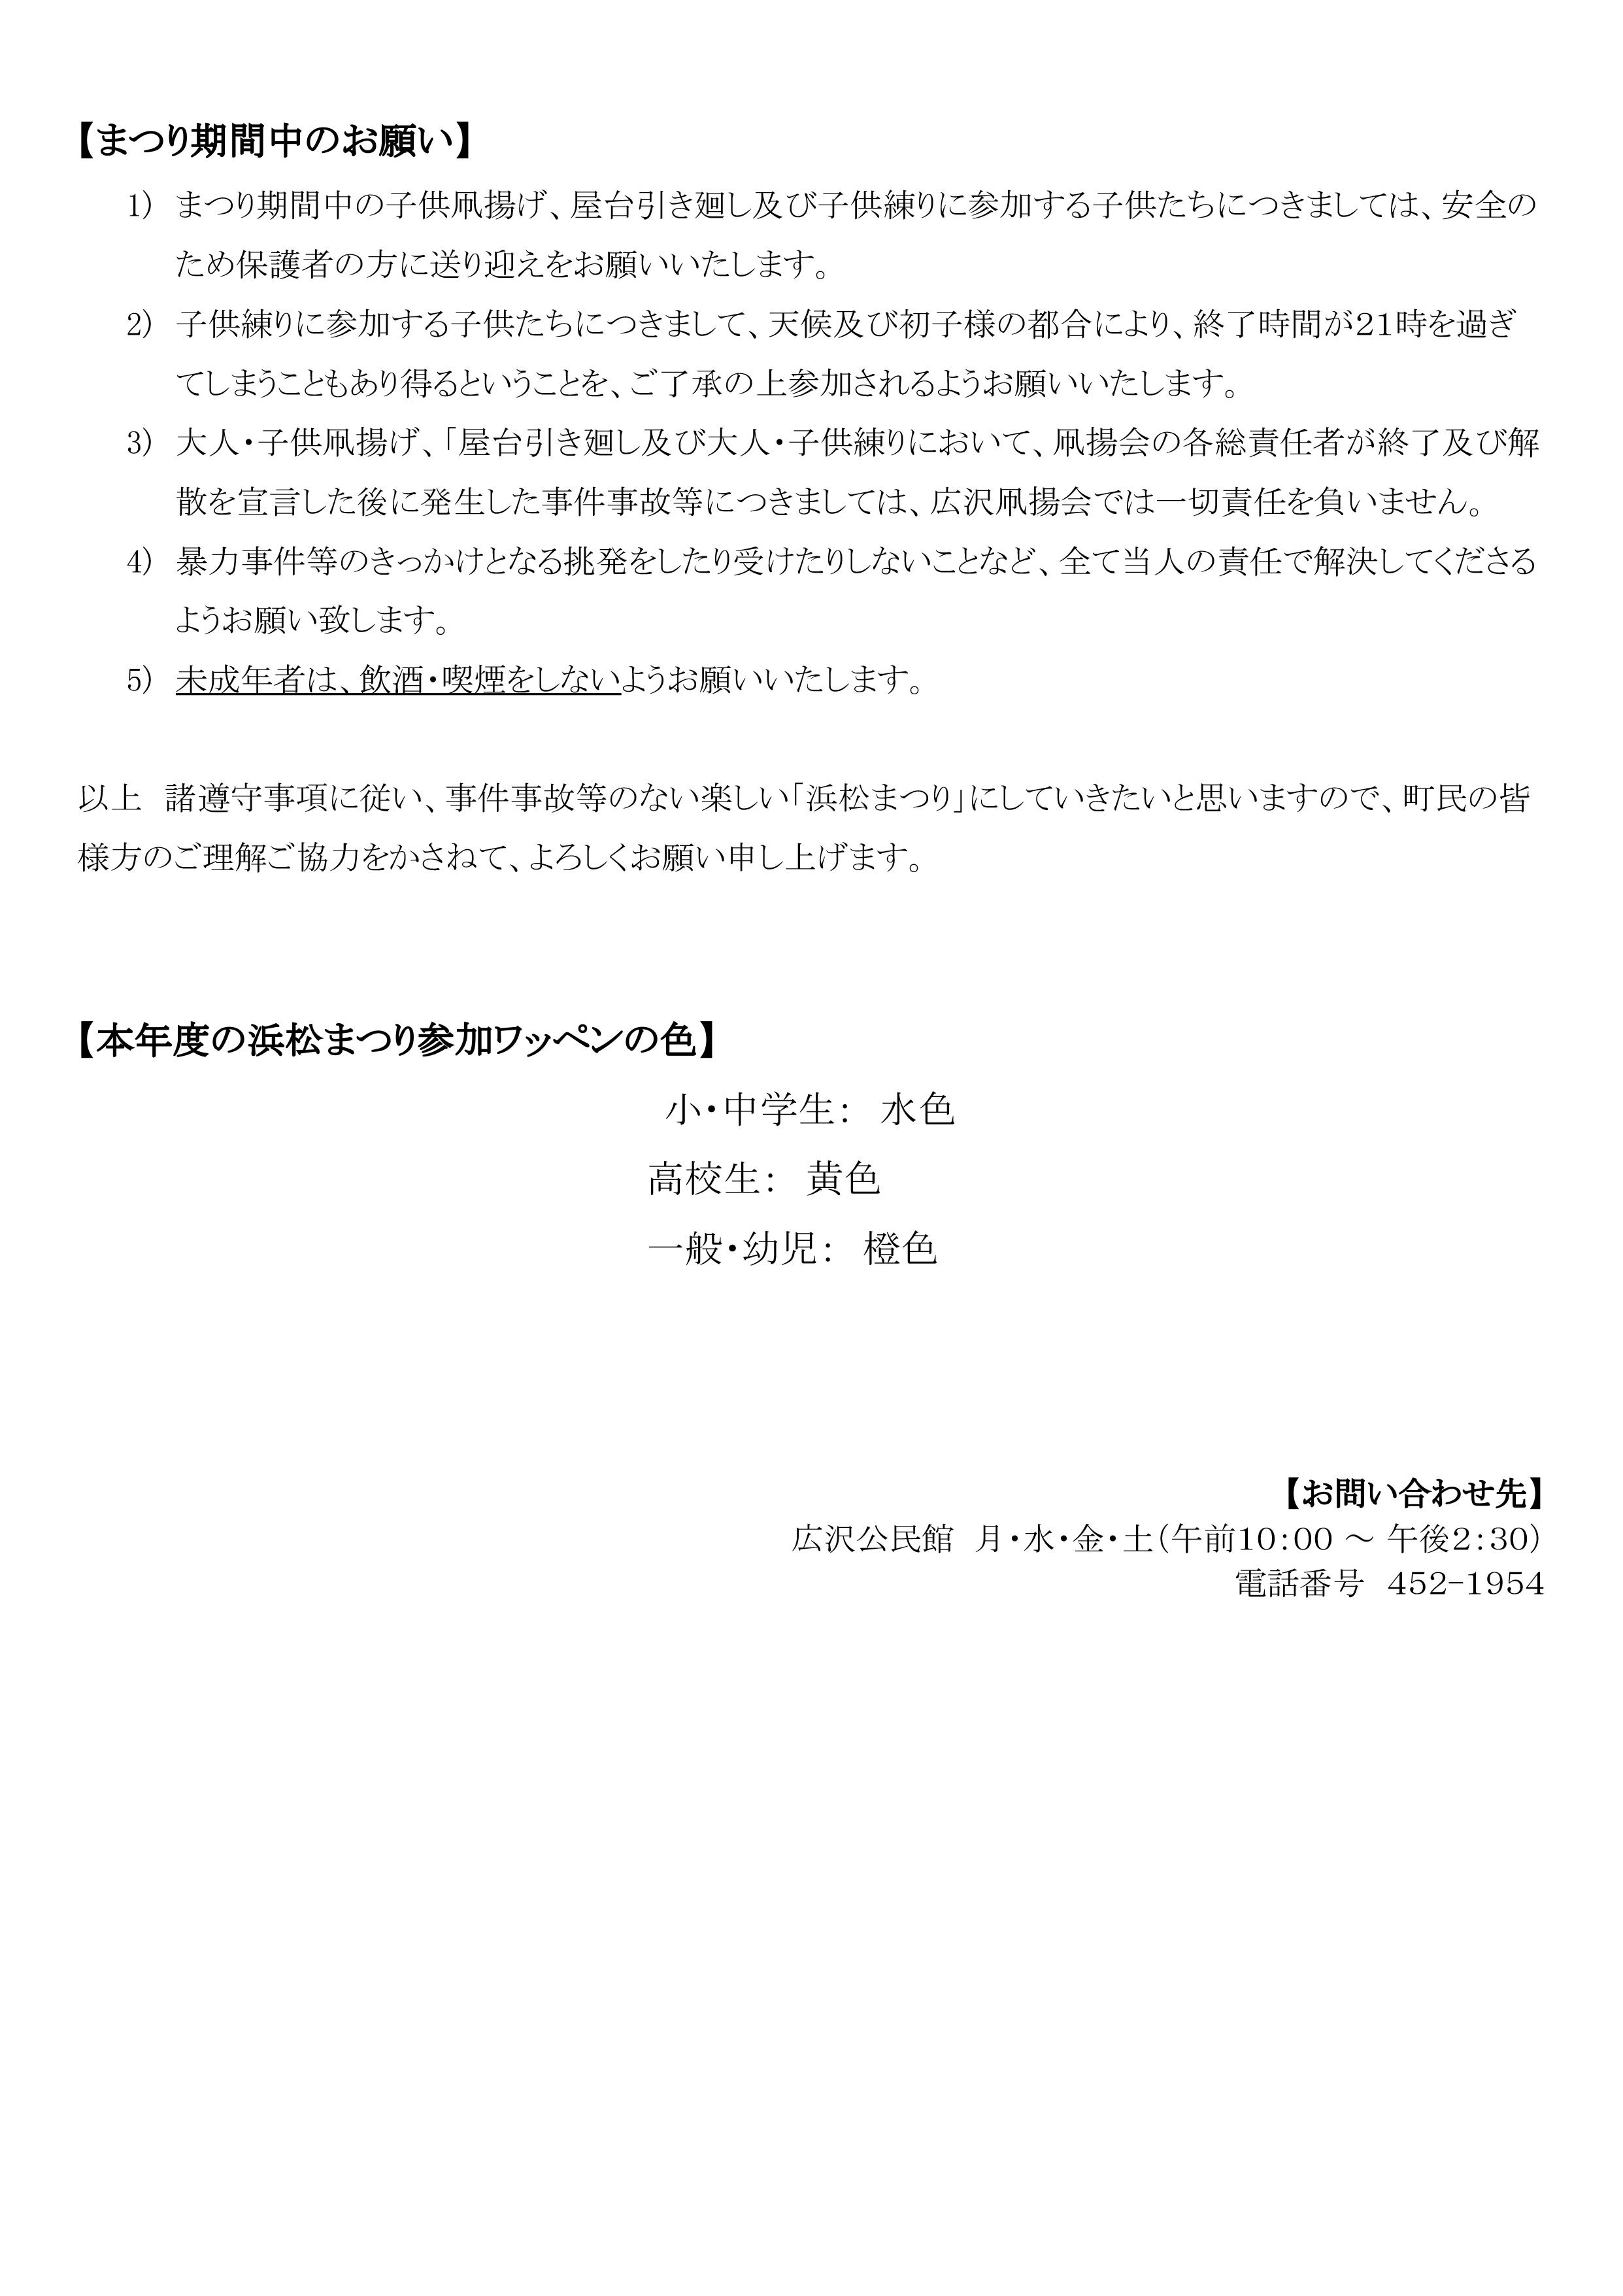 【回覧資料 平成30年4月20日】まつり期間中のお願い